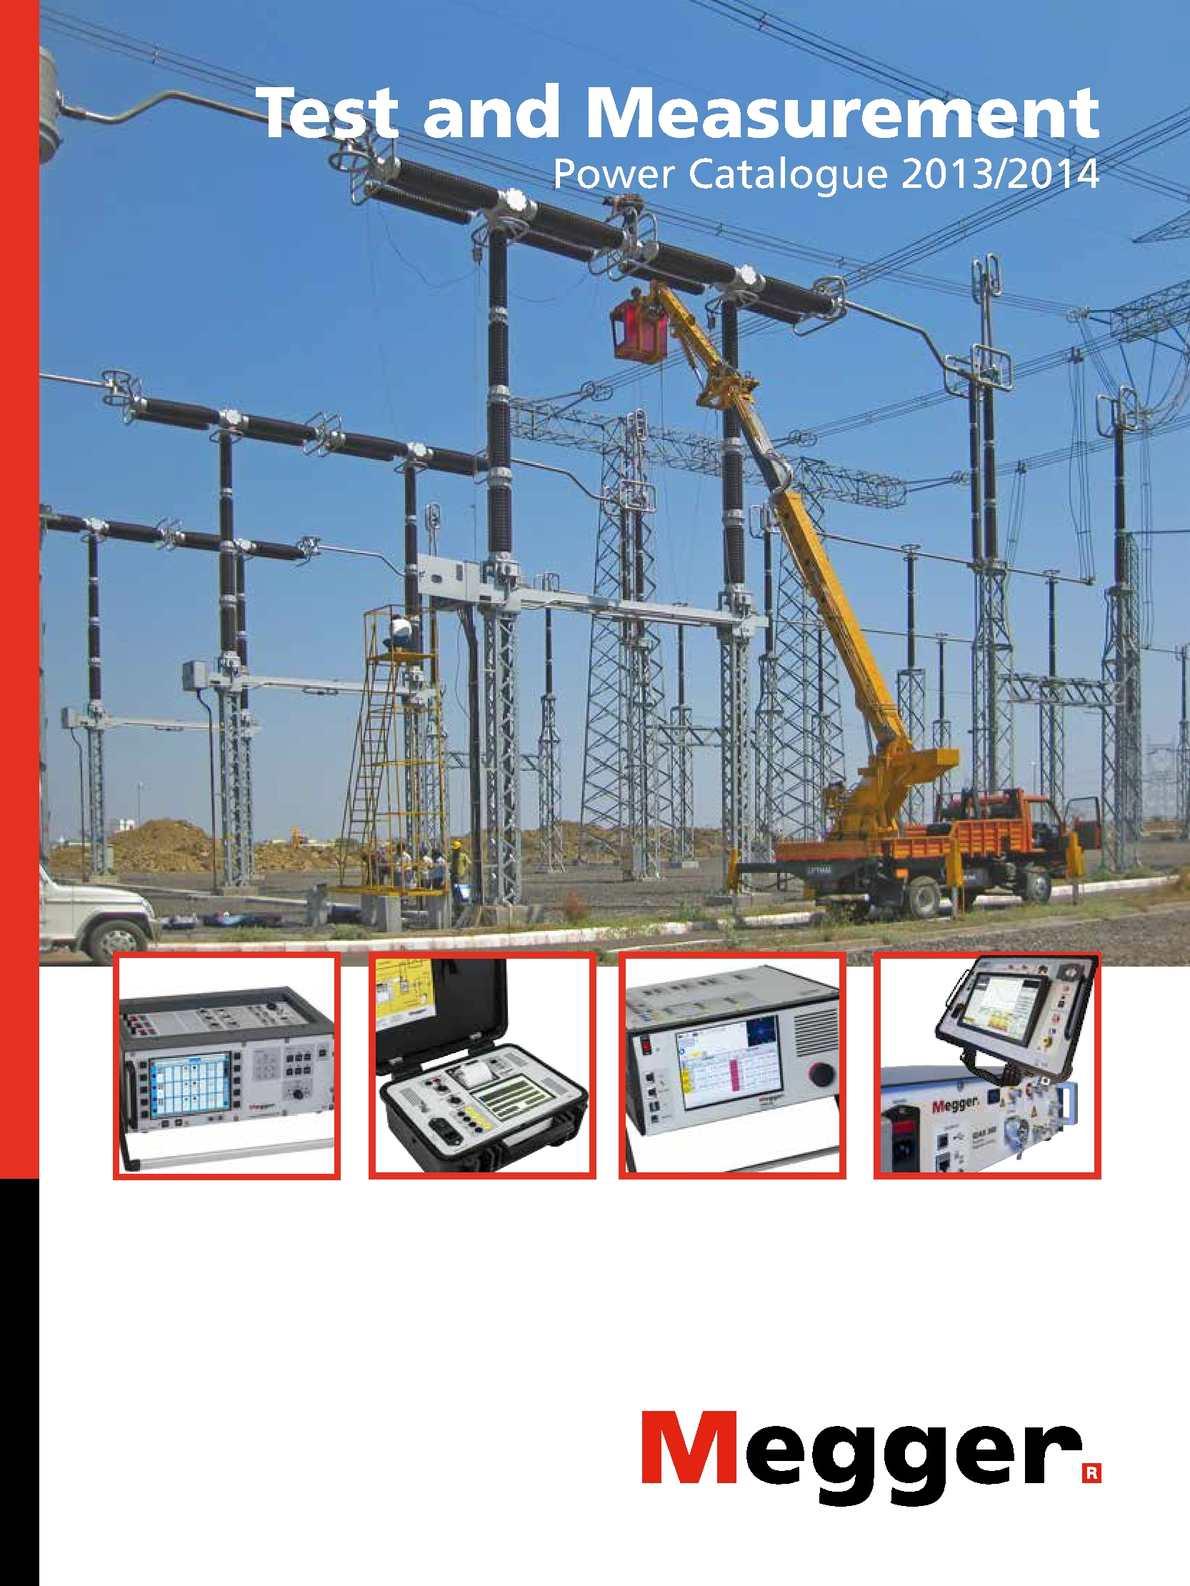 Calaméo - Megger Power Catalogue 2013/2014